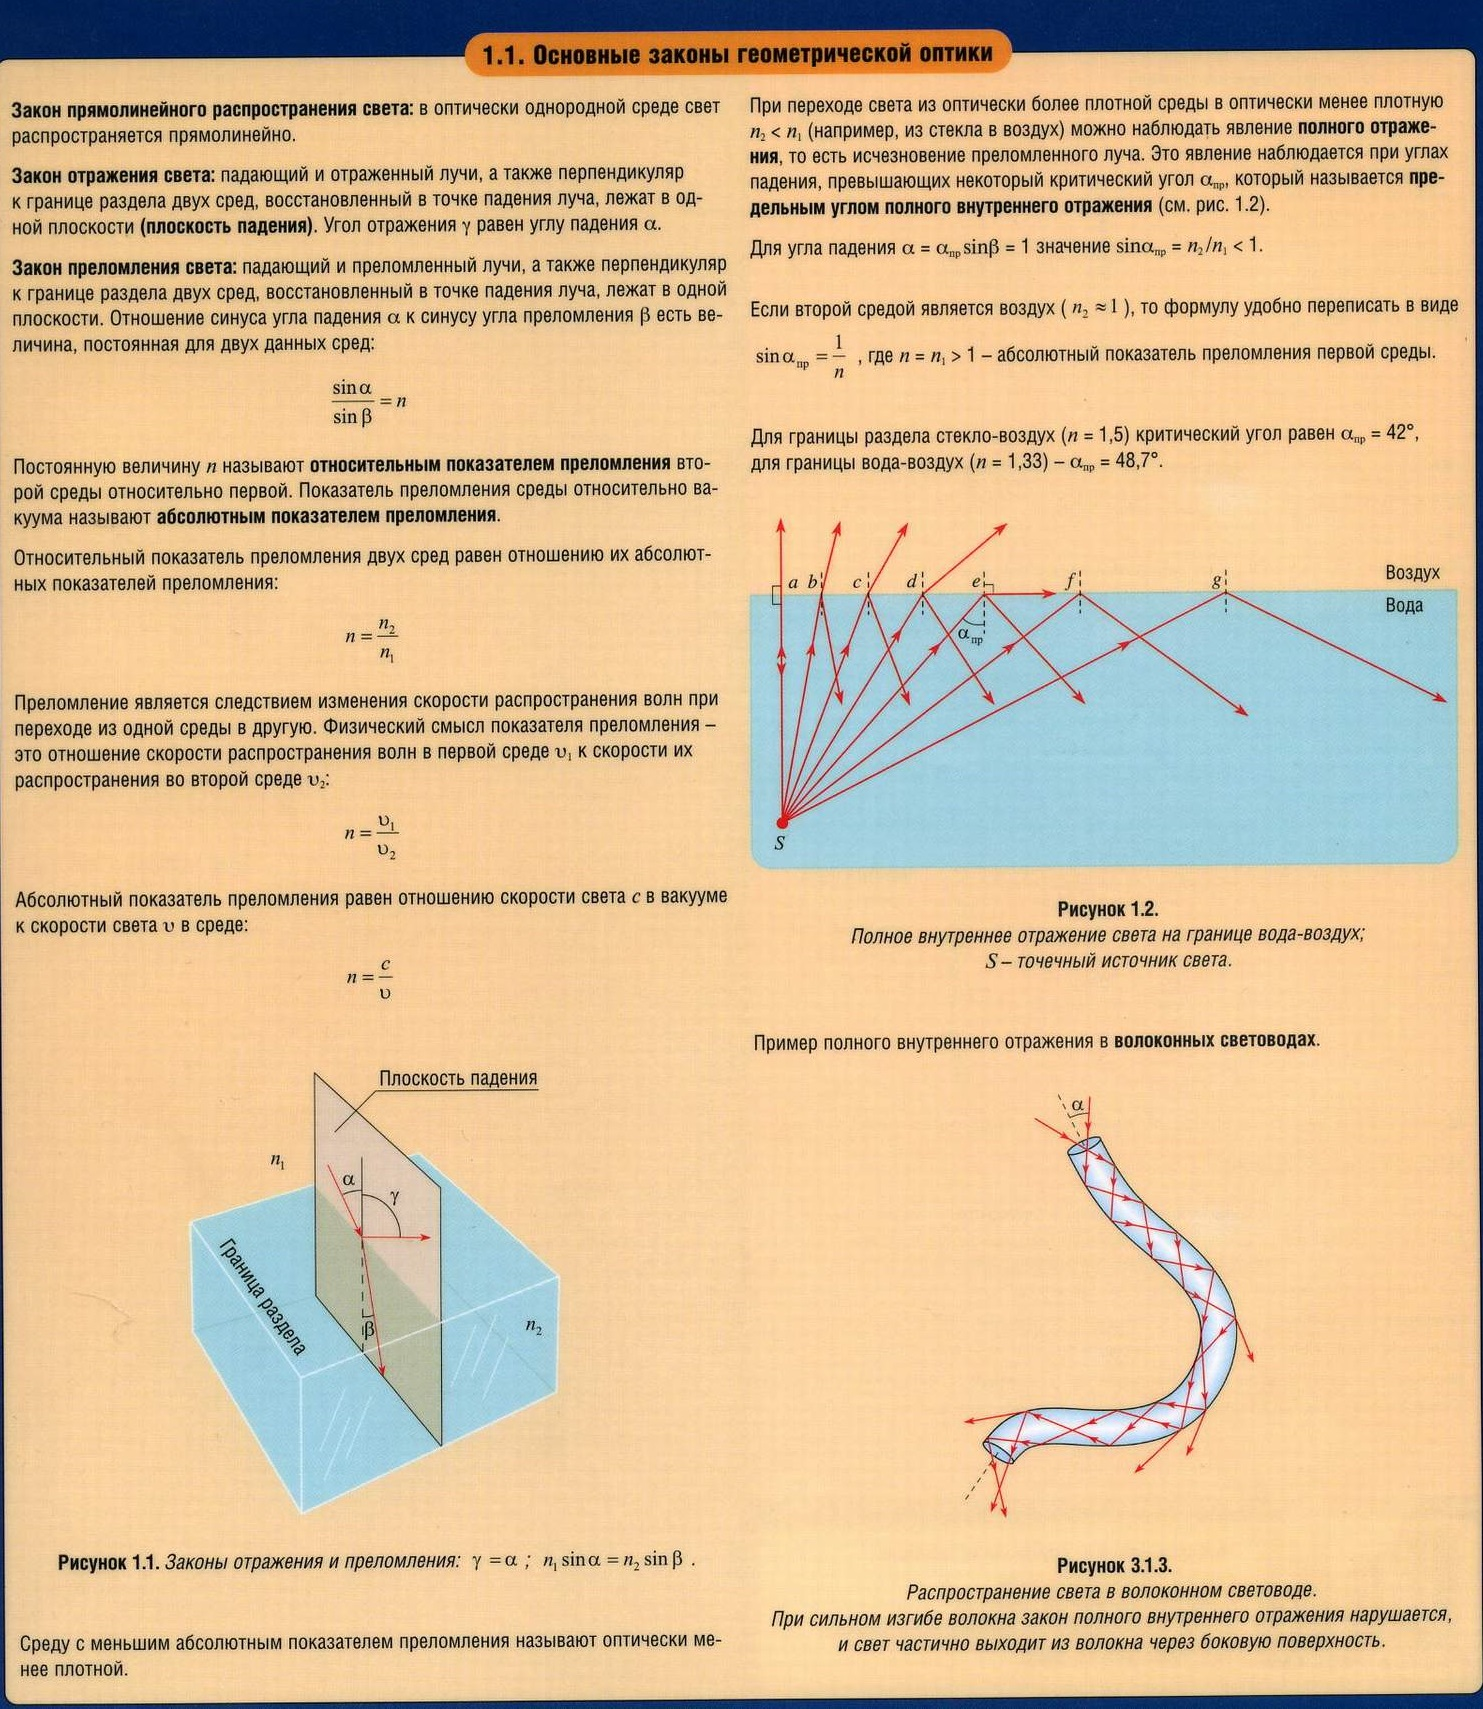 Оптика. Основные законы геометрической оптики. Преломление и отражение света. Предельный угол. Коэффициенты.